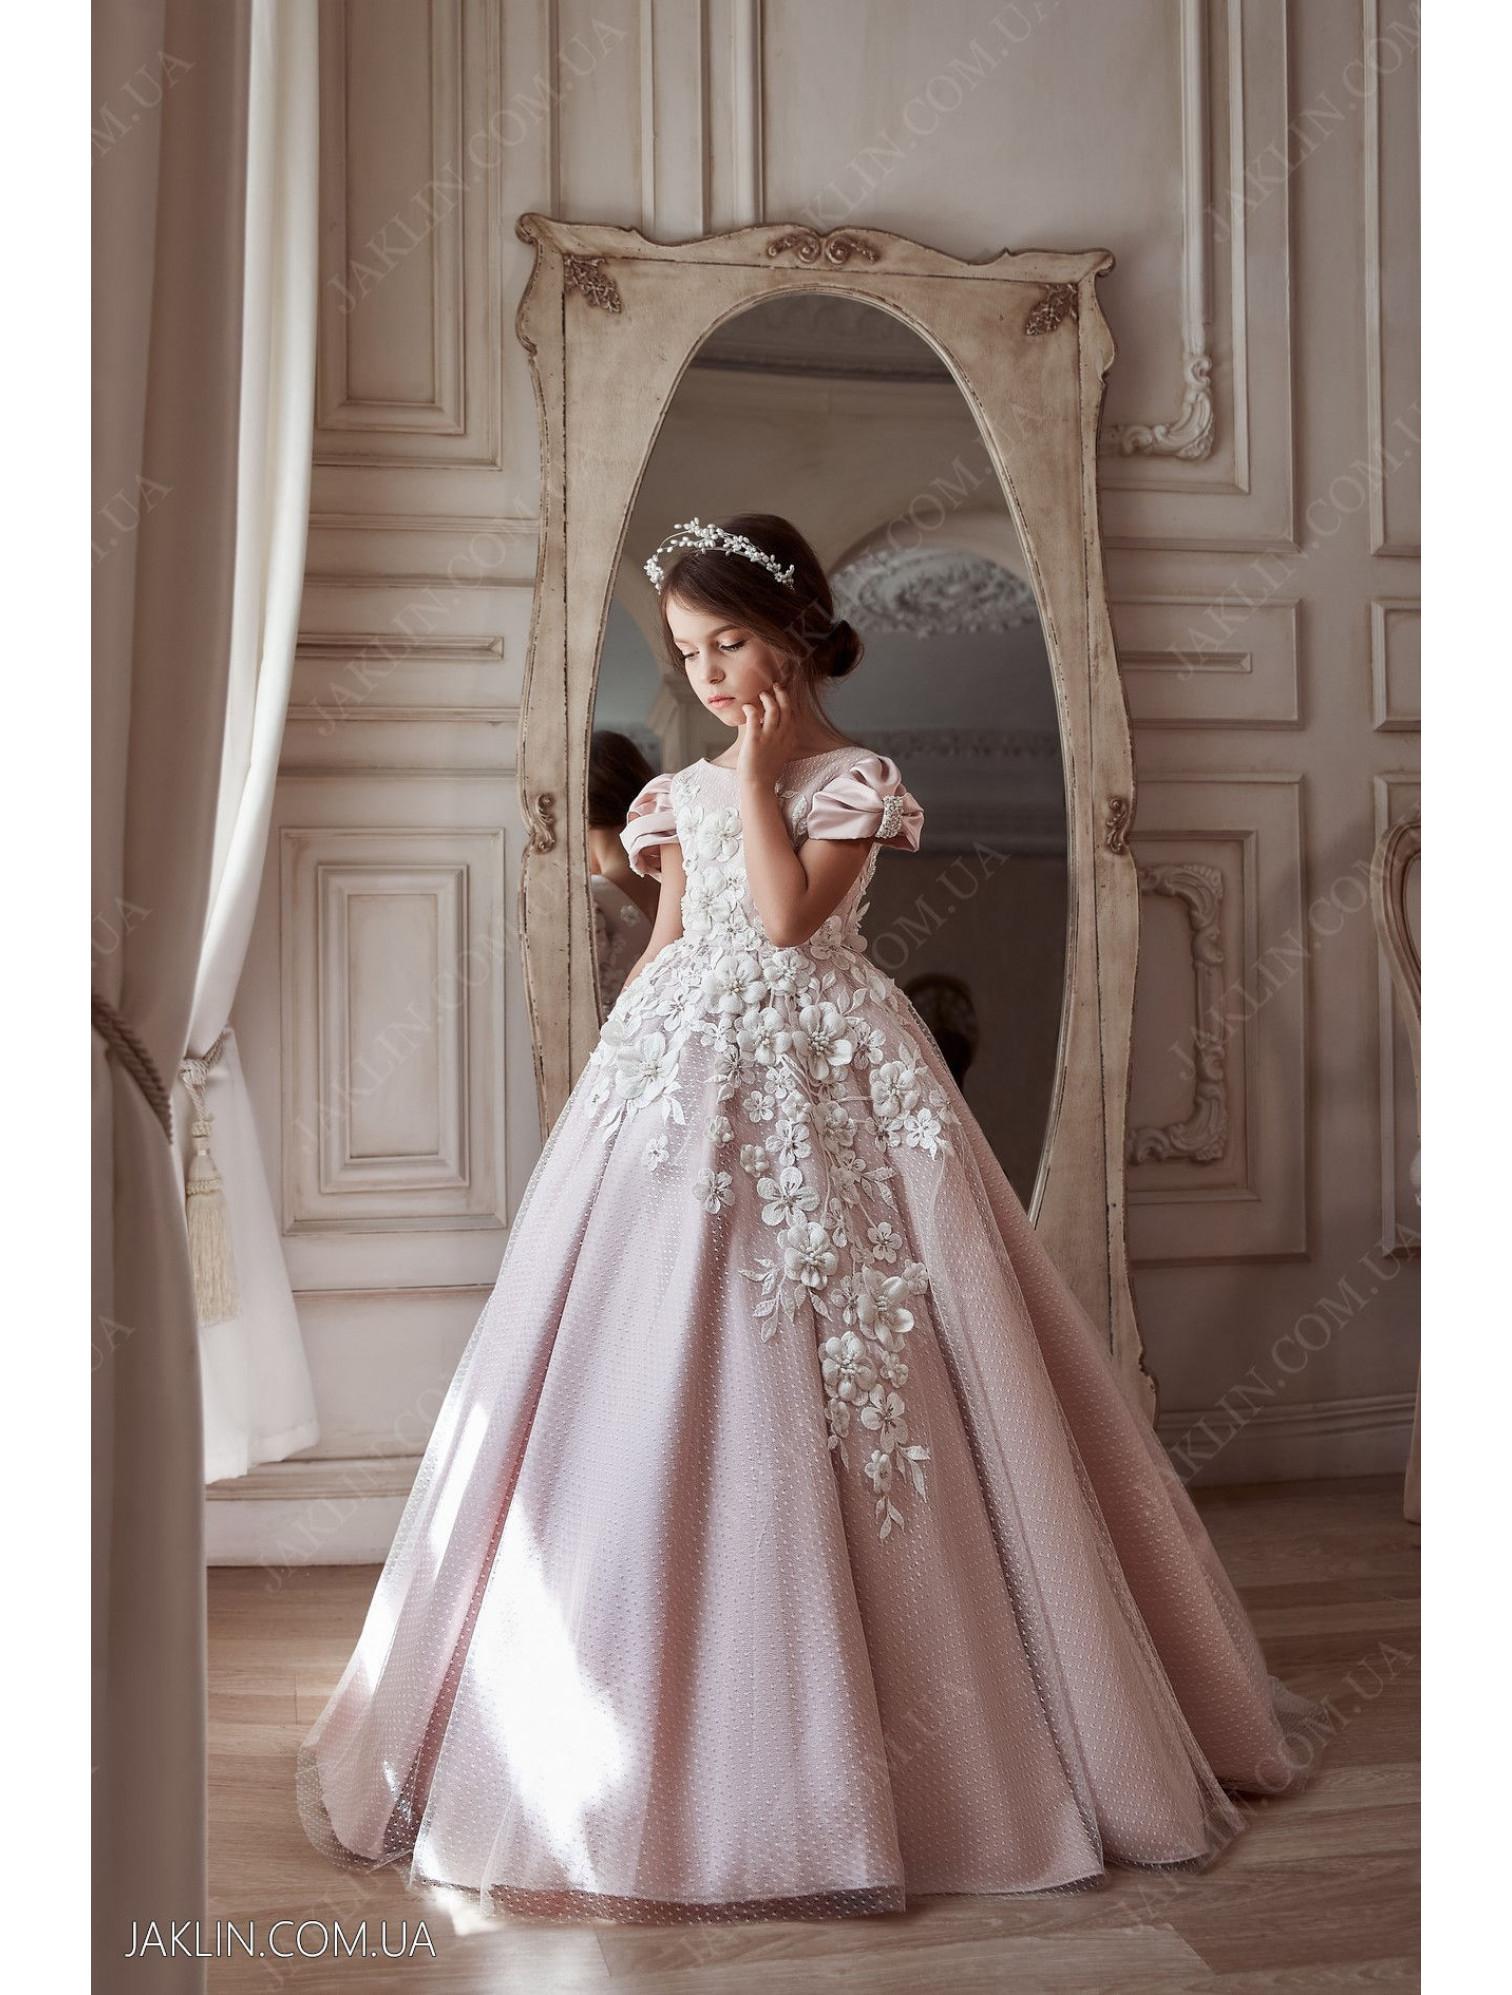 Дитяча сукня 3104